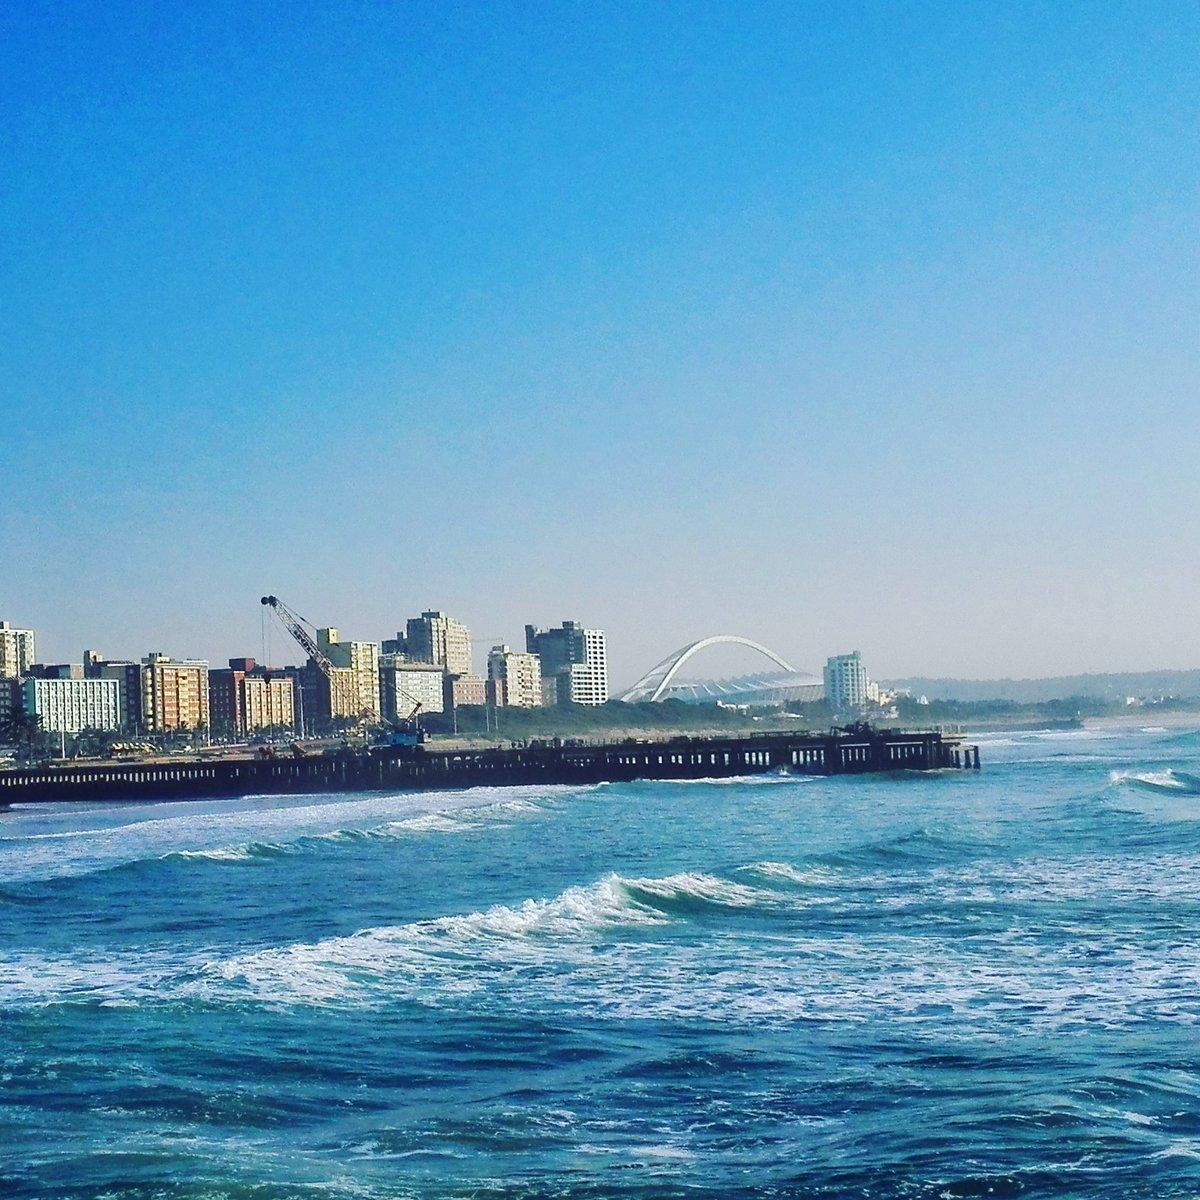 Winter in Durban hey. ..  https://t.co/3HdFmVKVk3 https://t.co/aLVY3bNloi